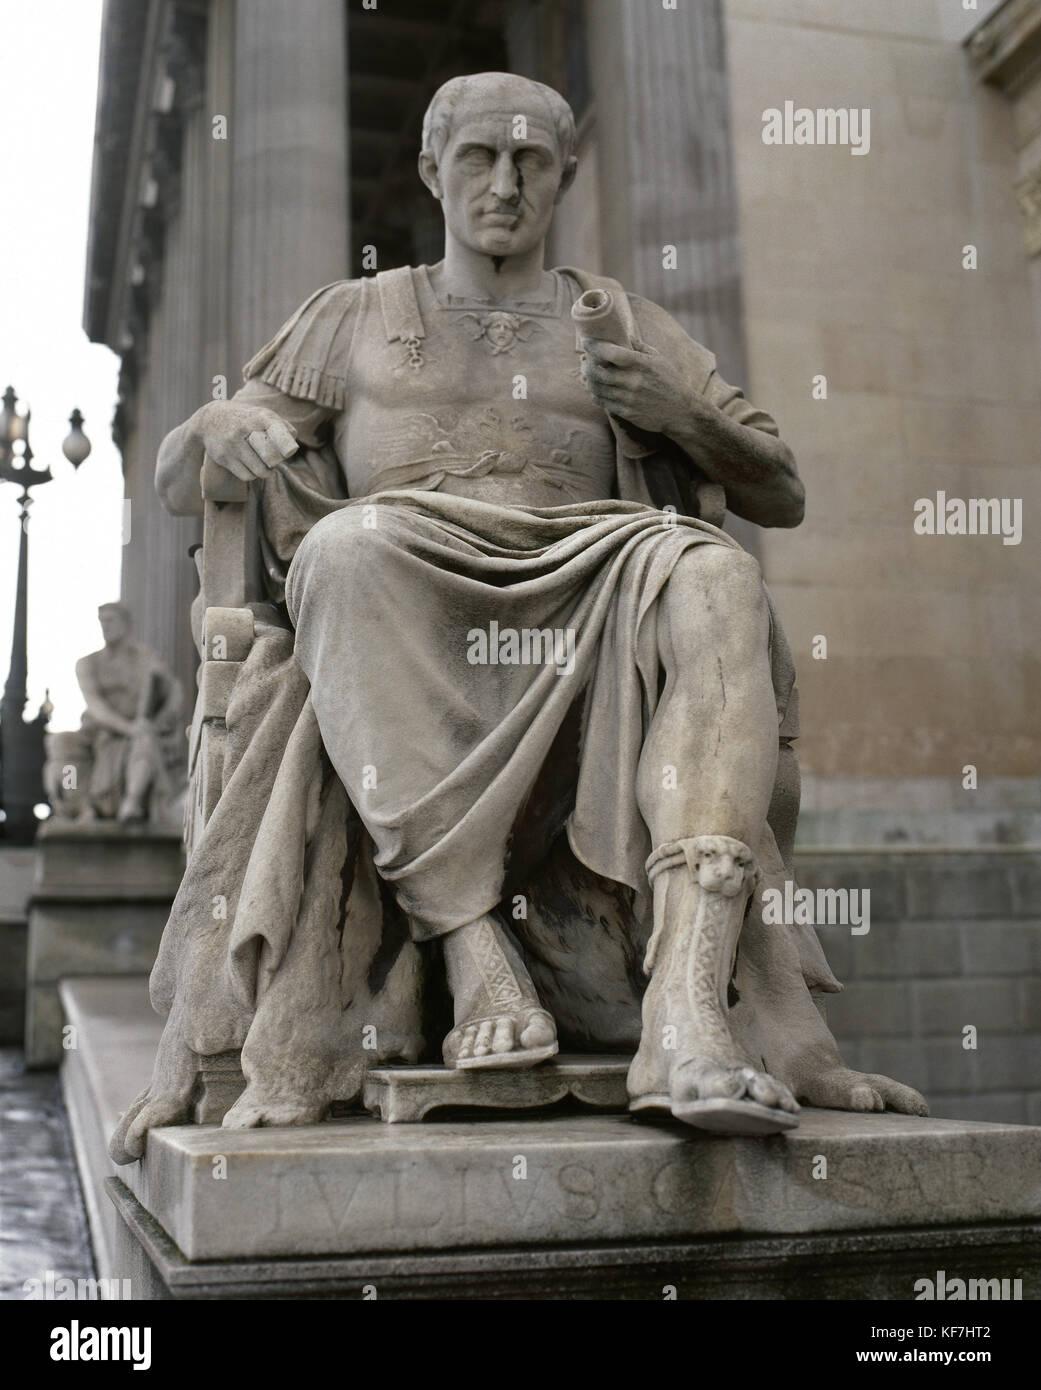 Julius Caesar (100 BC-44 BC). Roman politician and general. Statue. Exterior of Austrian Parliament. Vienna. Austria. - Stock Image